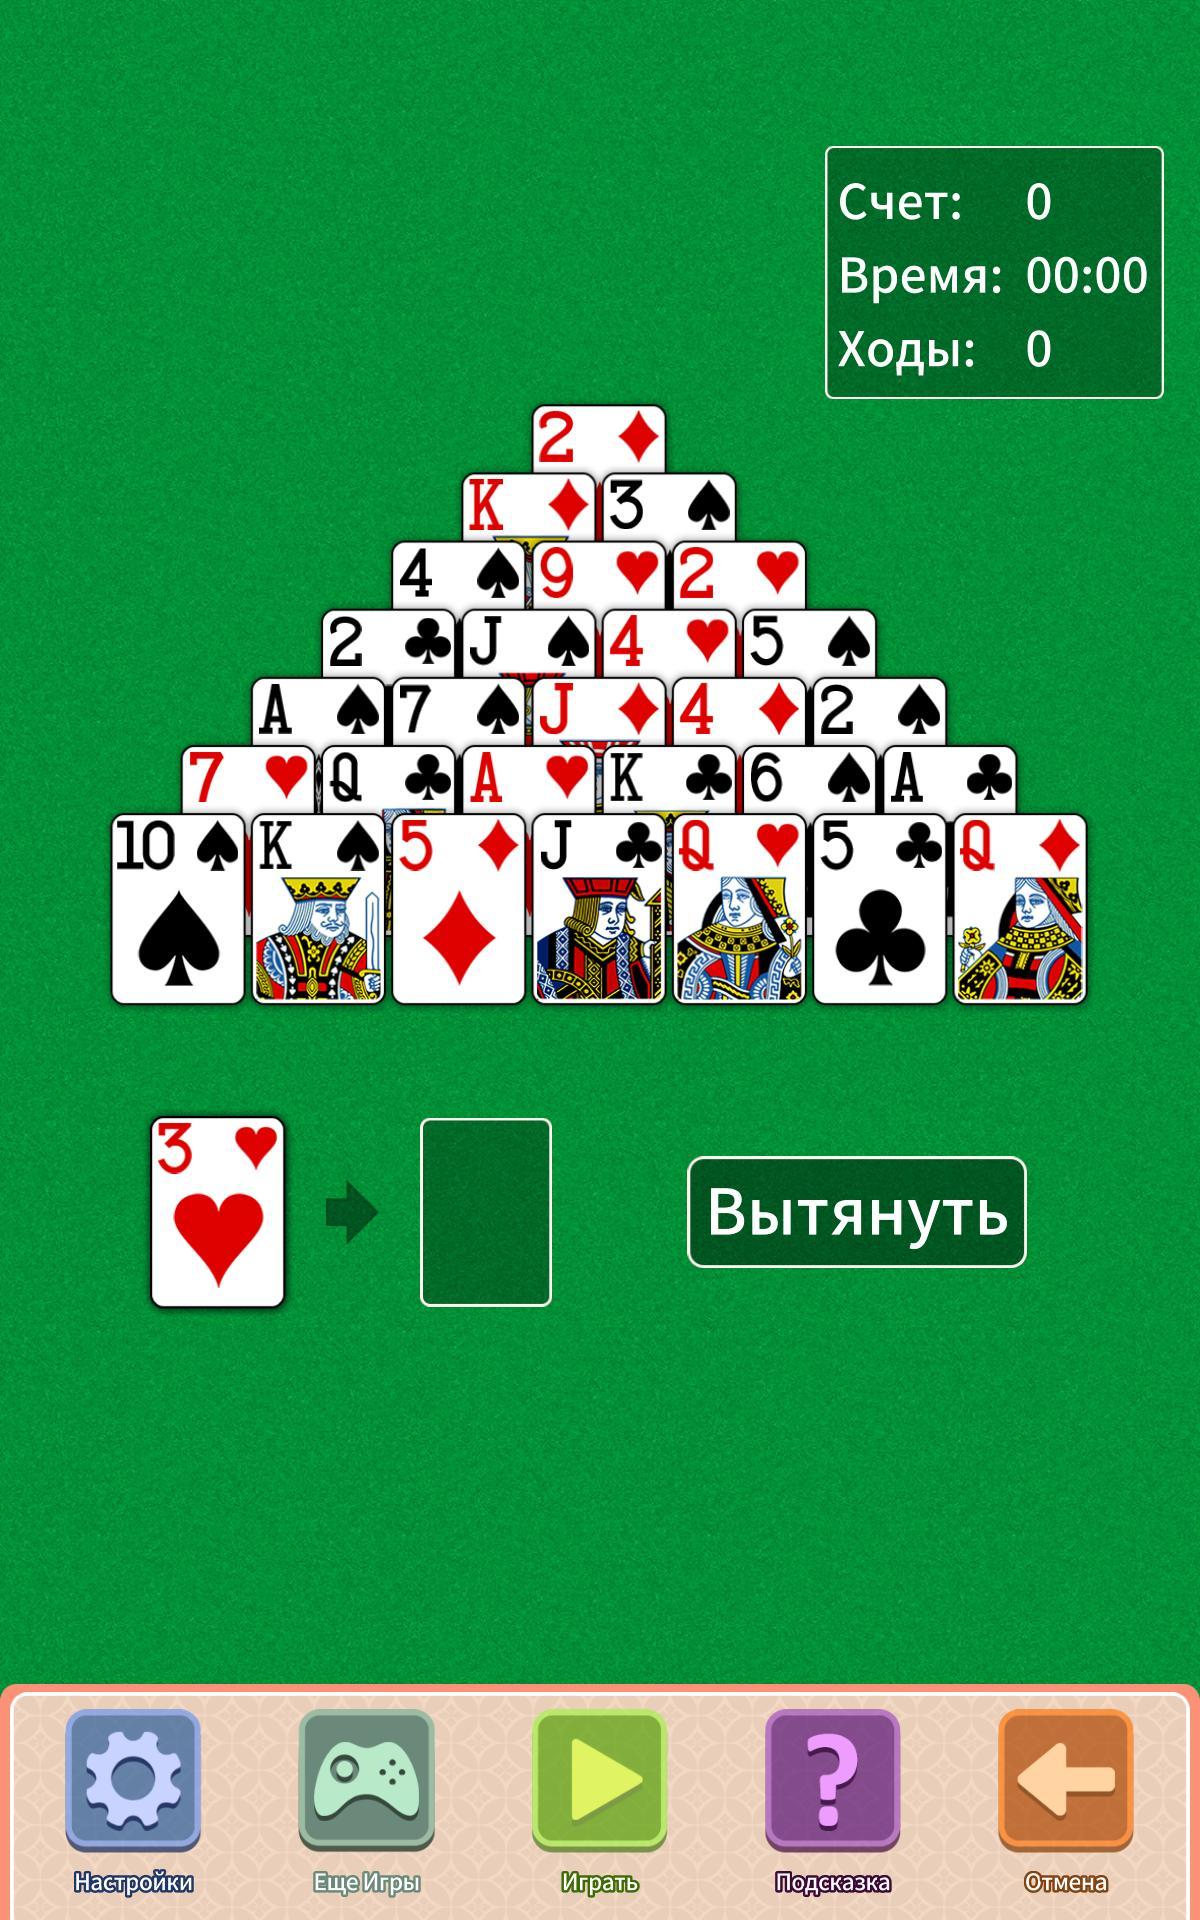 Карты пирамида играть игровые автоматы эмуляторы играть